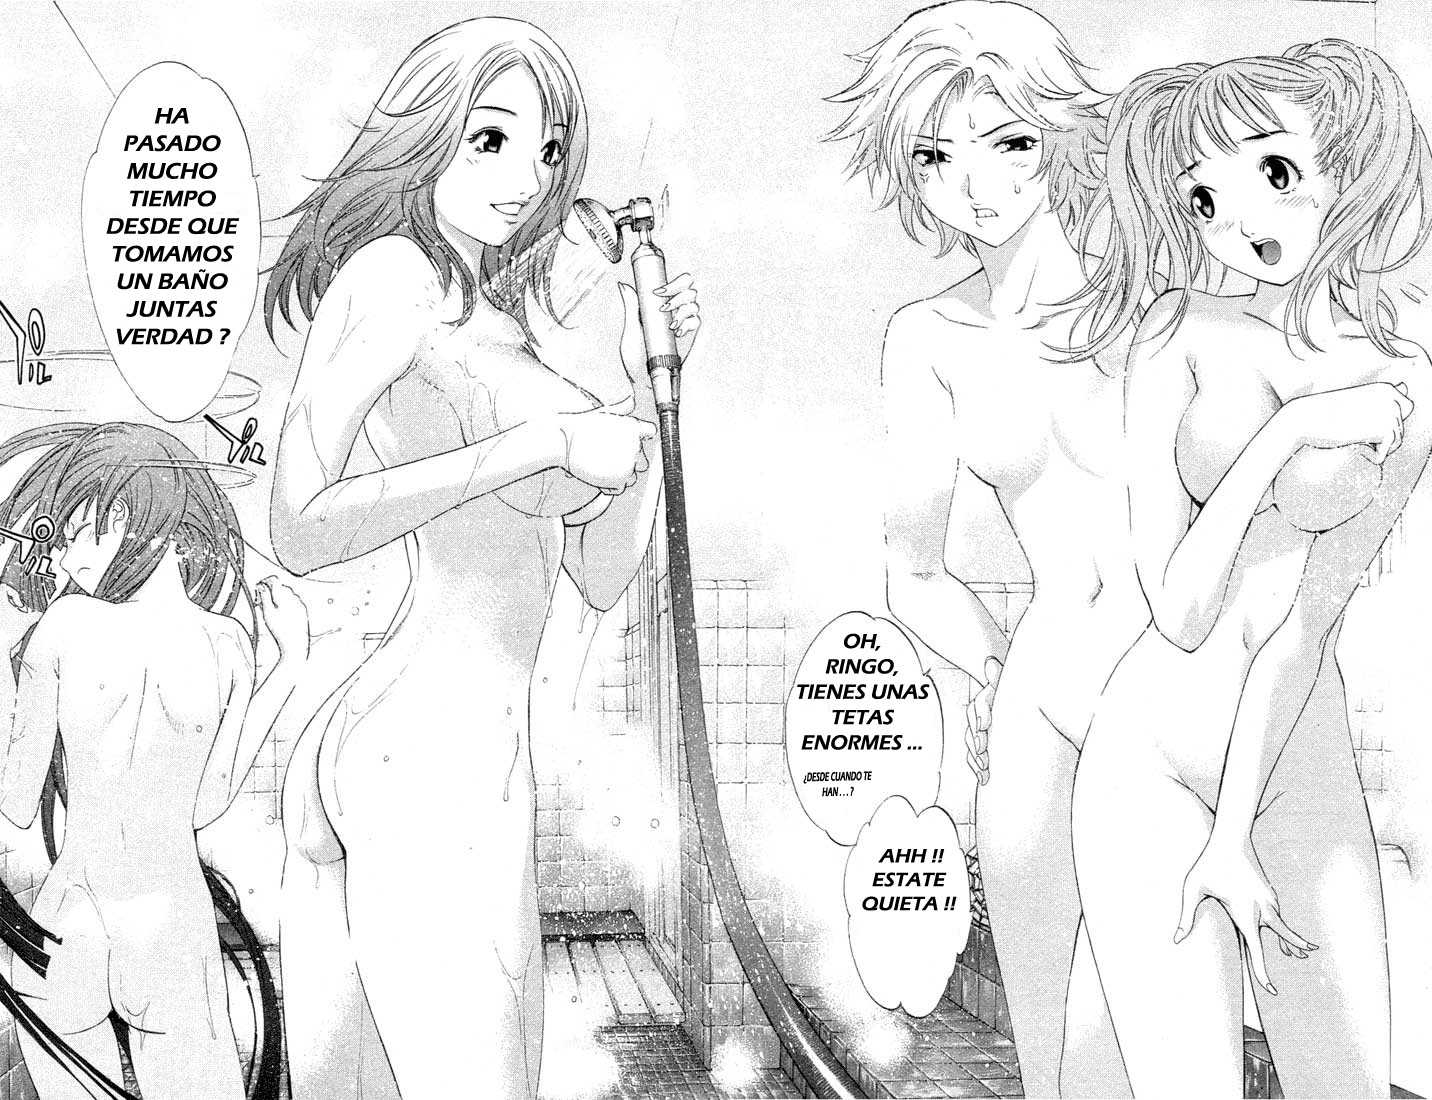 https://c5.ninemanga.com/es_manga/3/67/459683/828feeb4c80ad1bcb65b2002b6ea581b.jpg Page 63